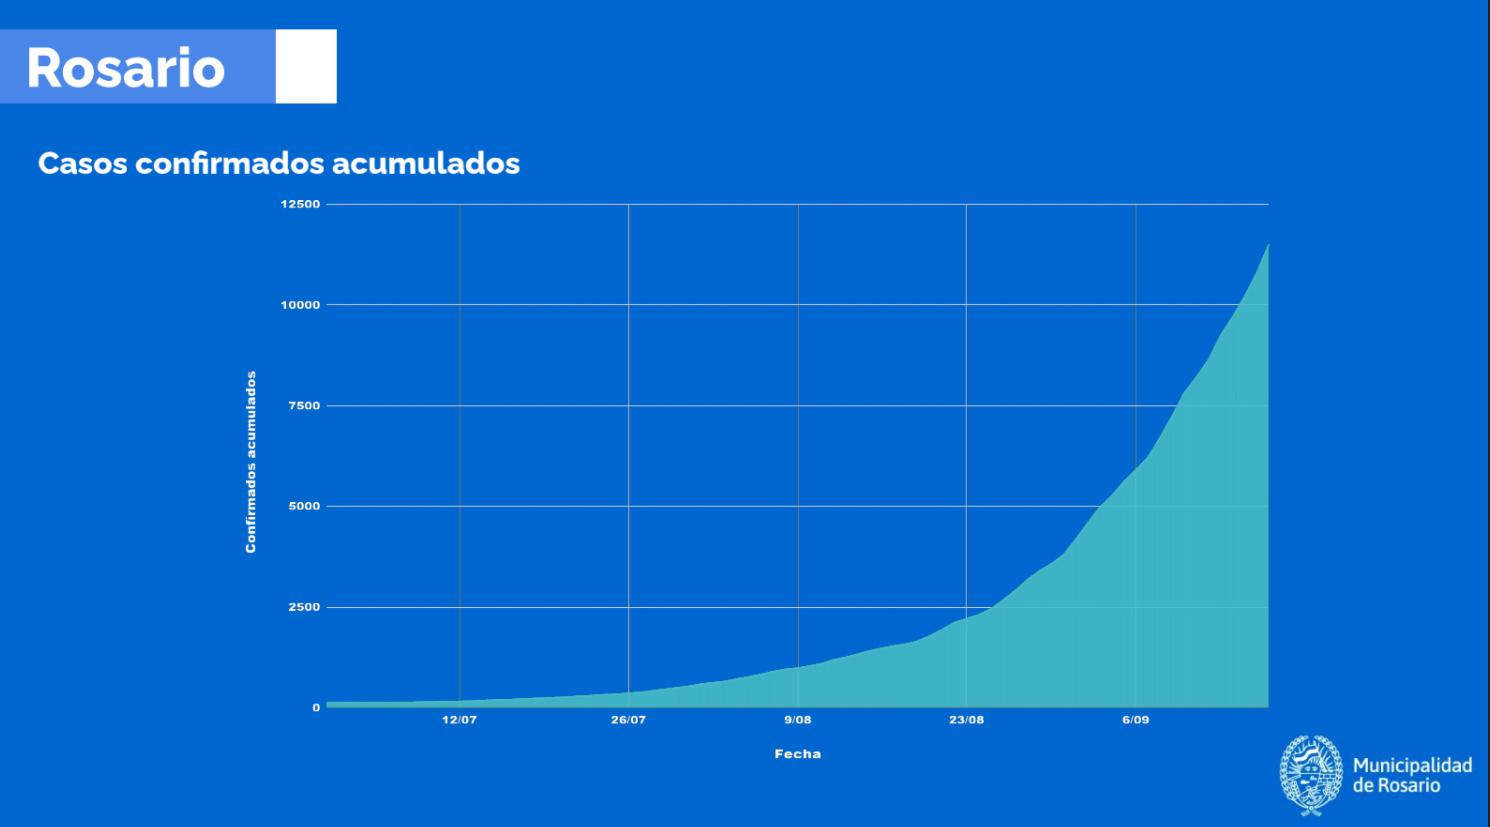 Gráfico de evolución de casos